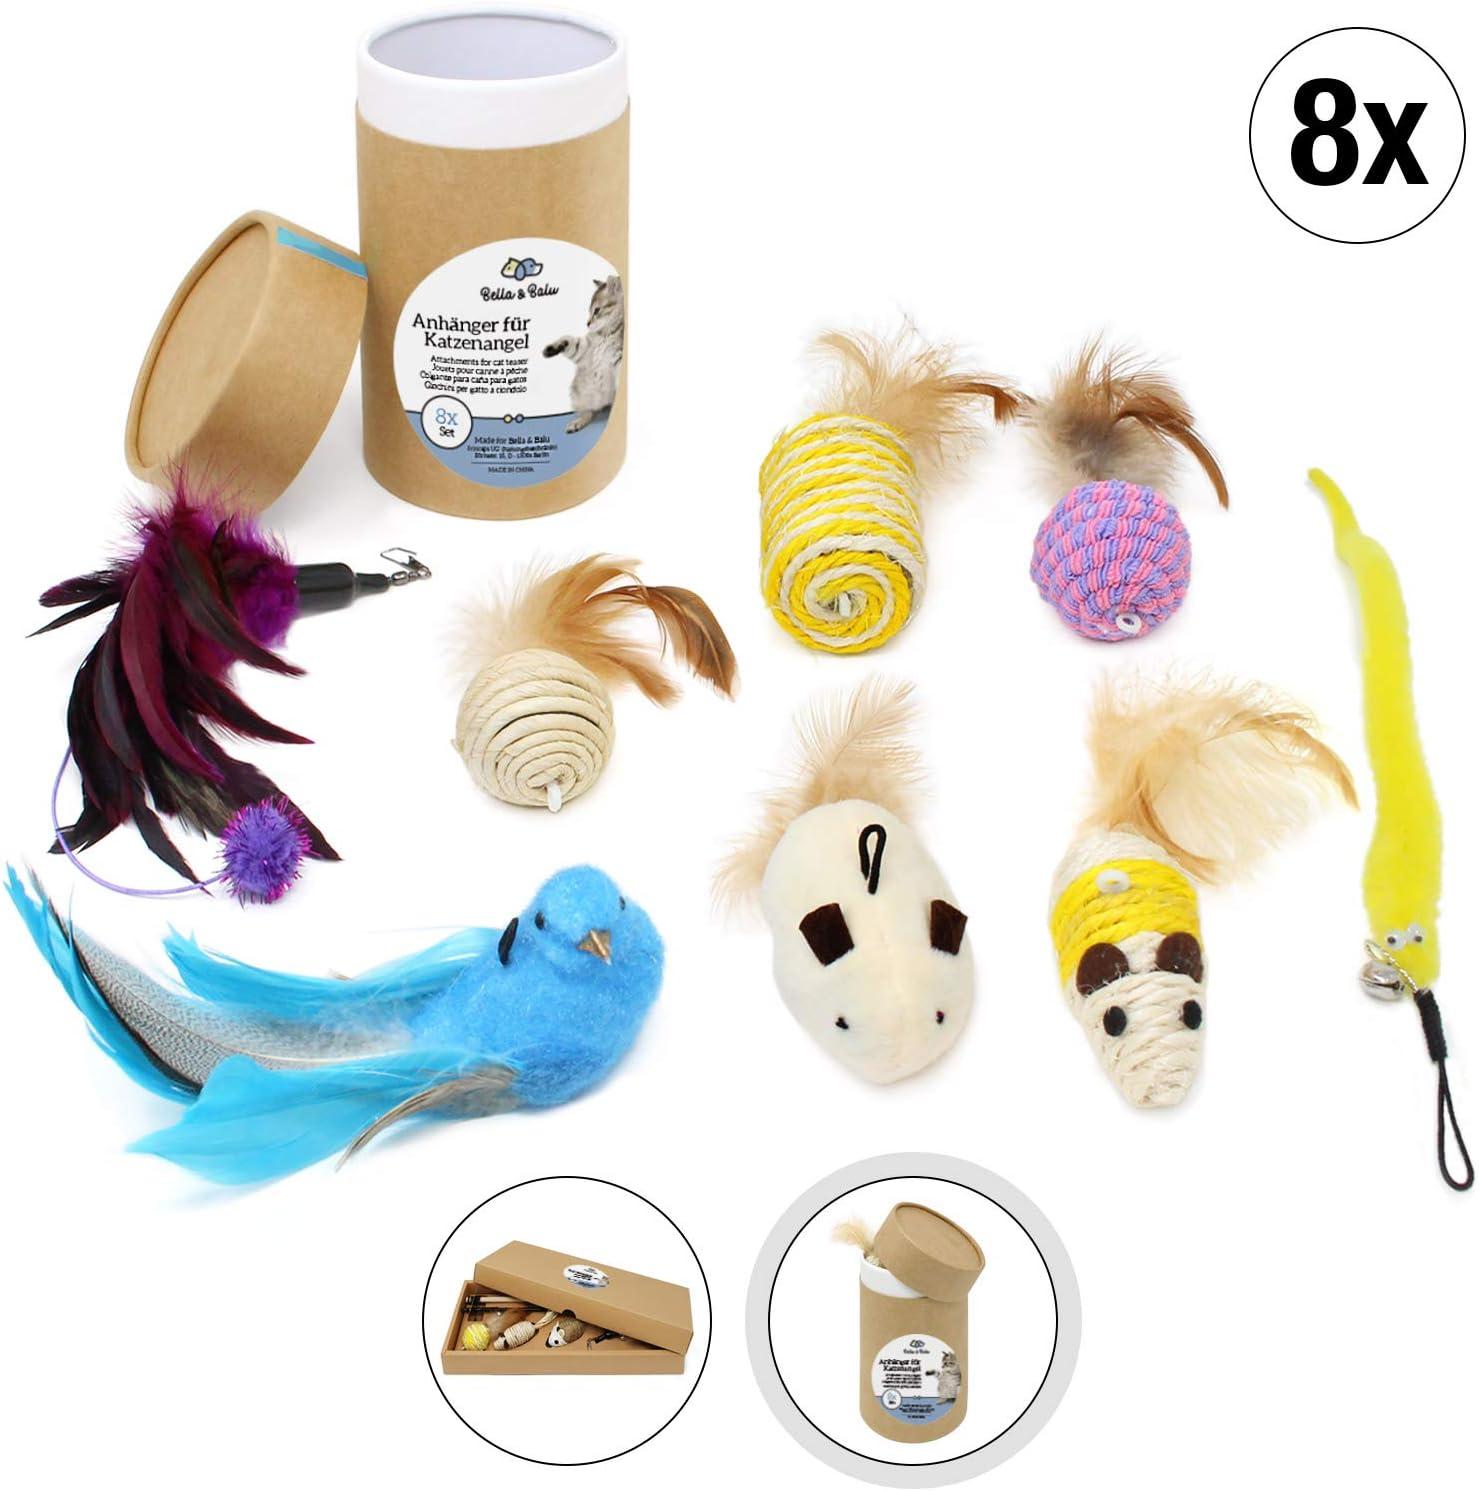 Amazy Juguetes colgantes (8 piezas): juguetes adicionales para la ...